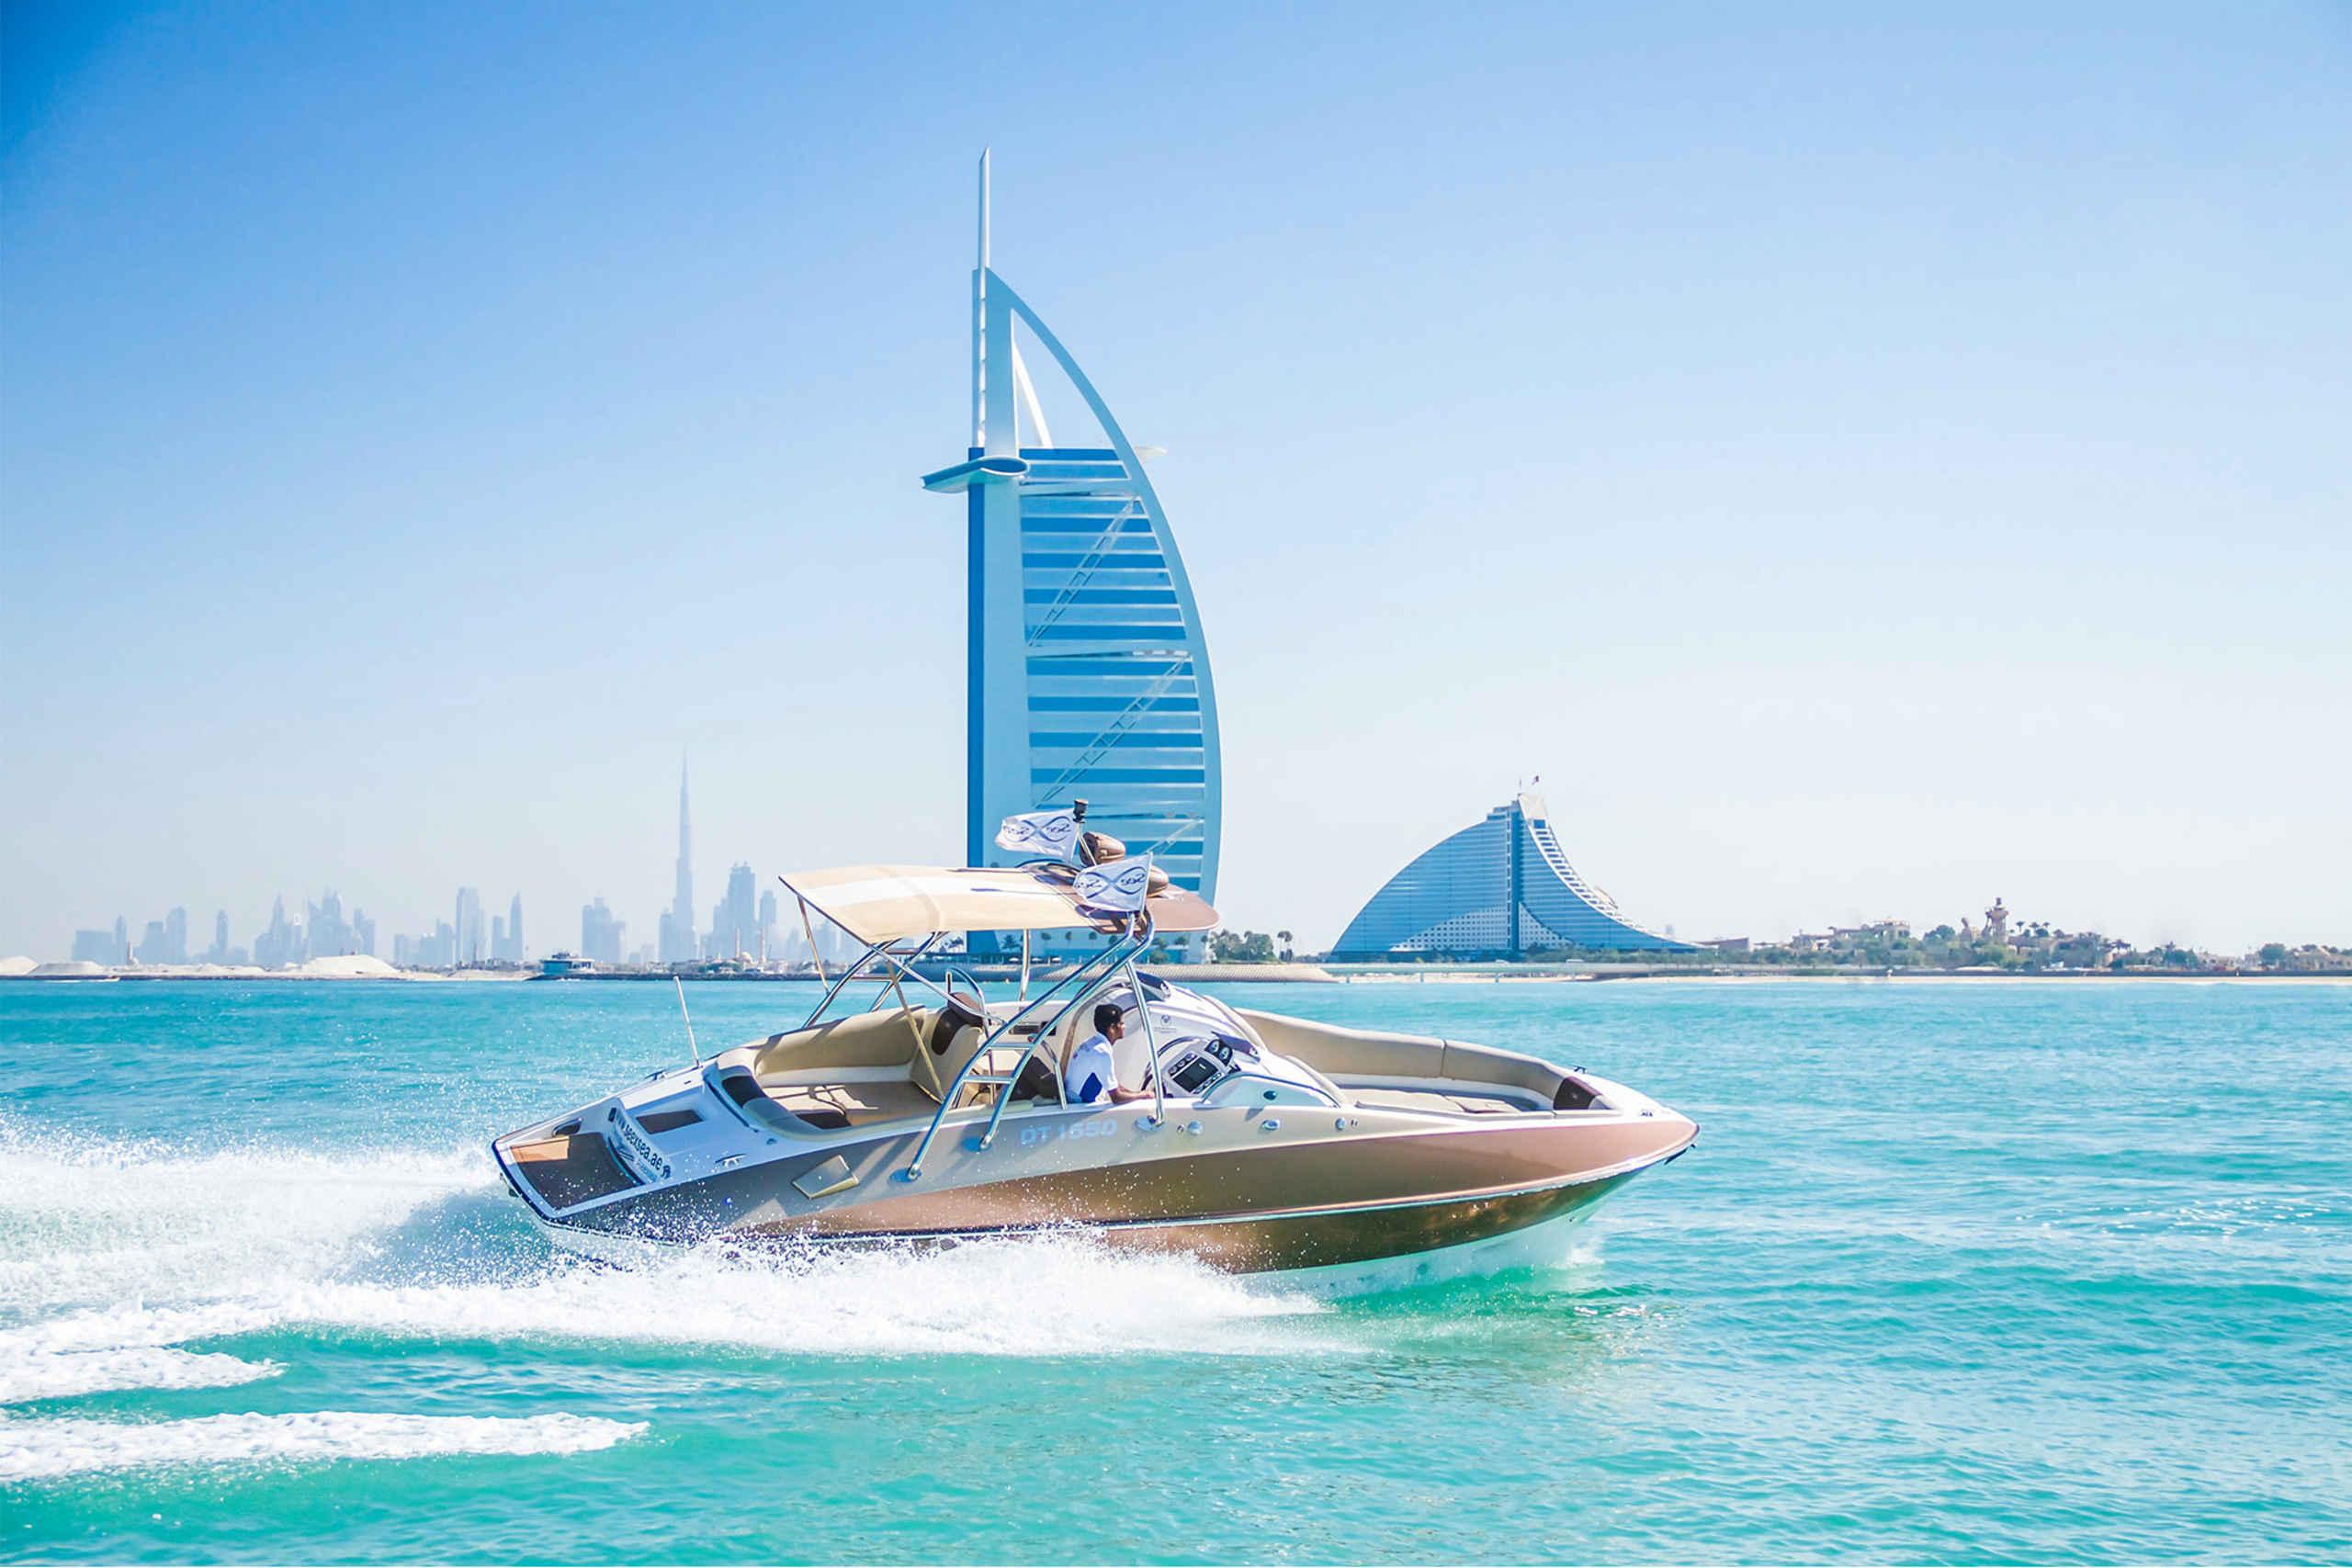 Yacht Tour mit Kapitän über den Persischen Golf in Dubai